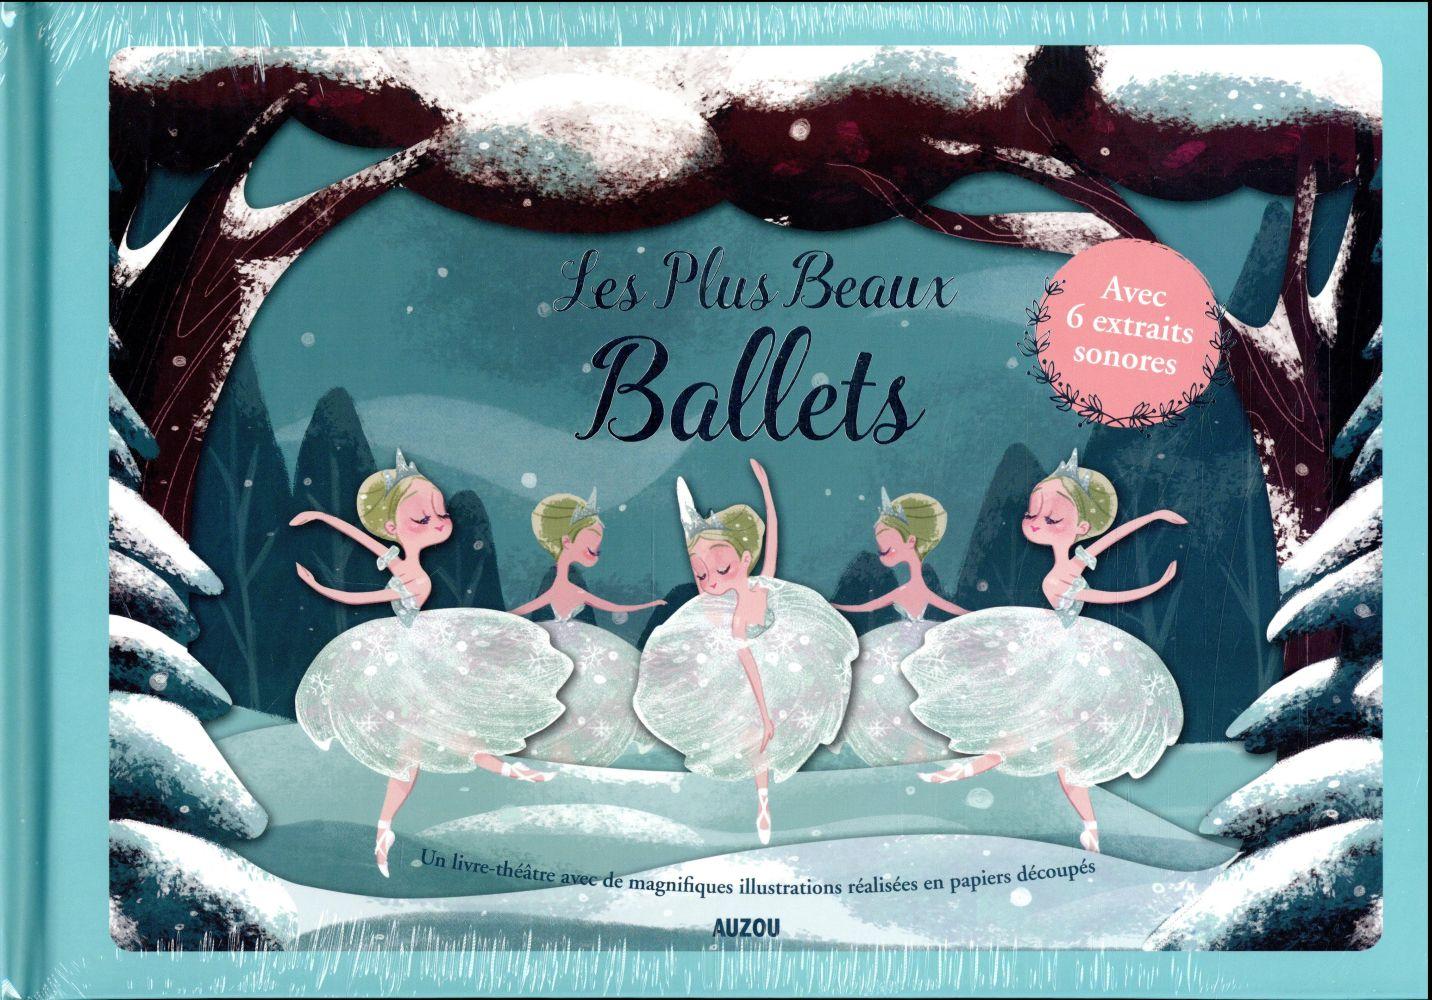 MES PLUS BEAUX BALLETS - AVEC 6 EXTRAITS SONORES - UN LIVRE-THEATRE AVEC DE MAGNIFIQUES ILLUSTRATION